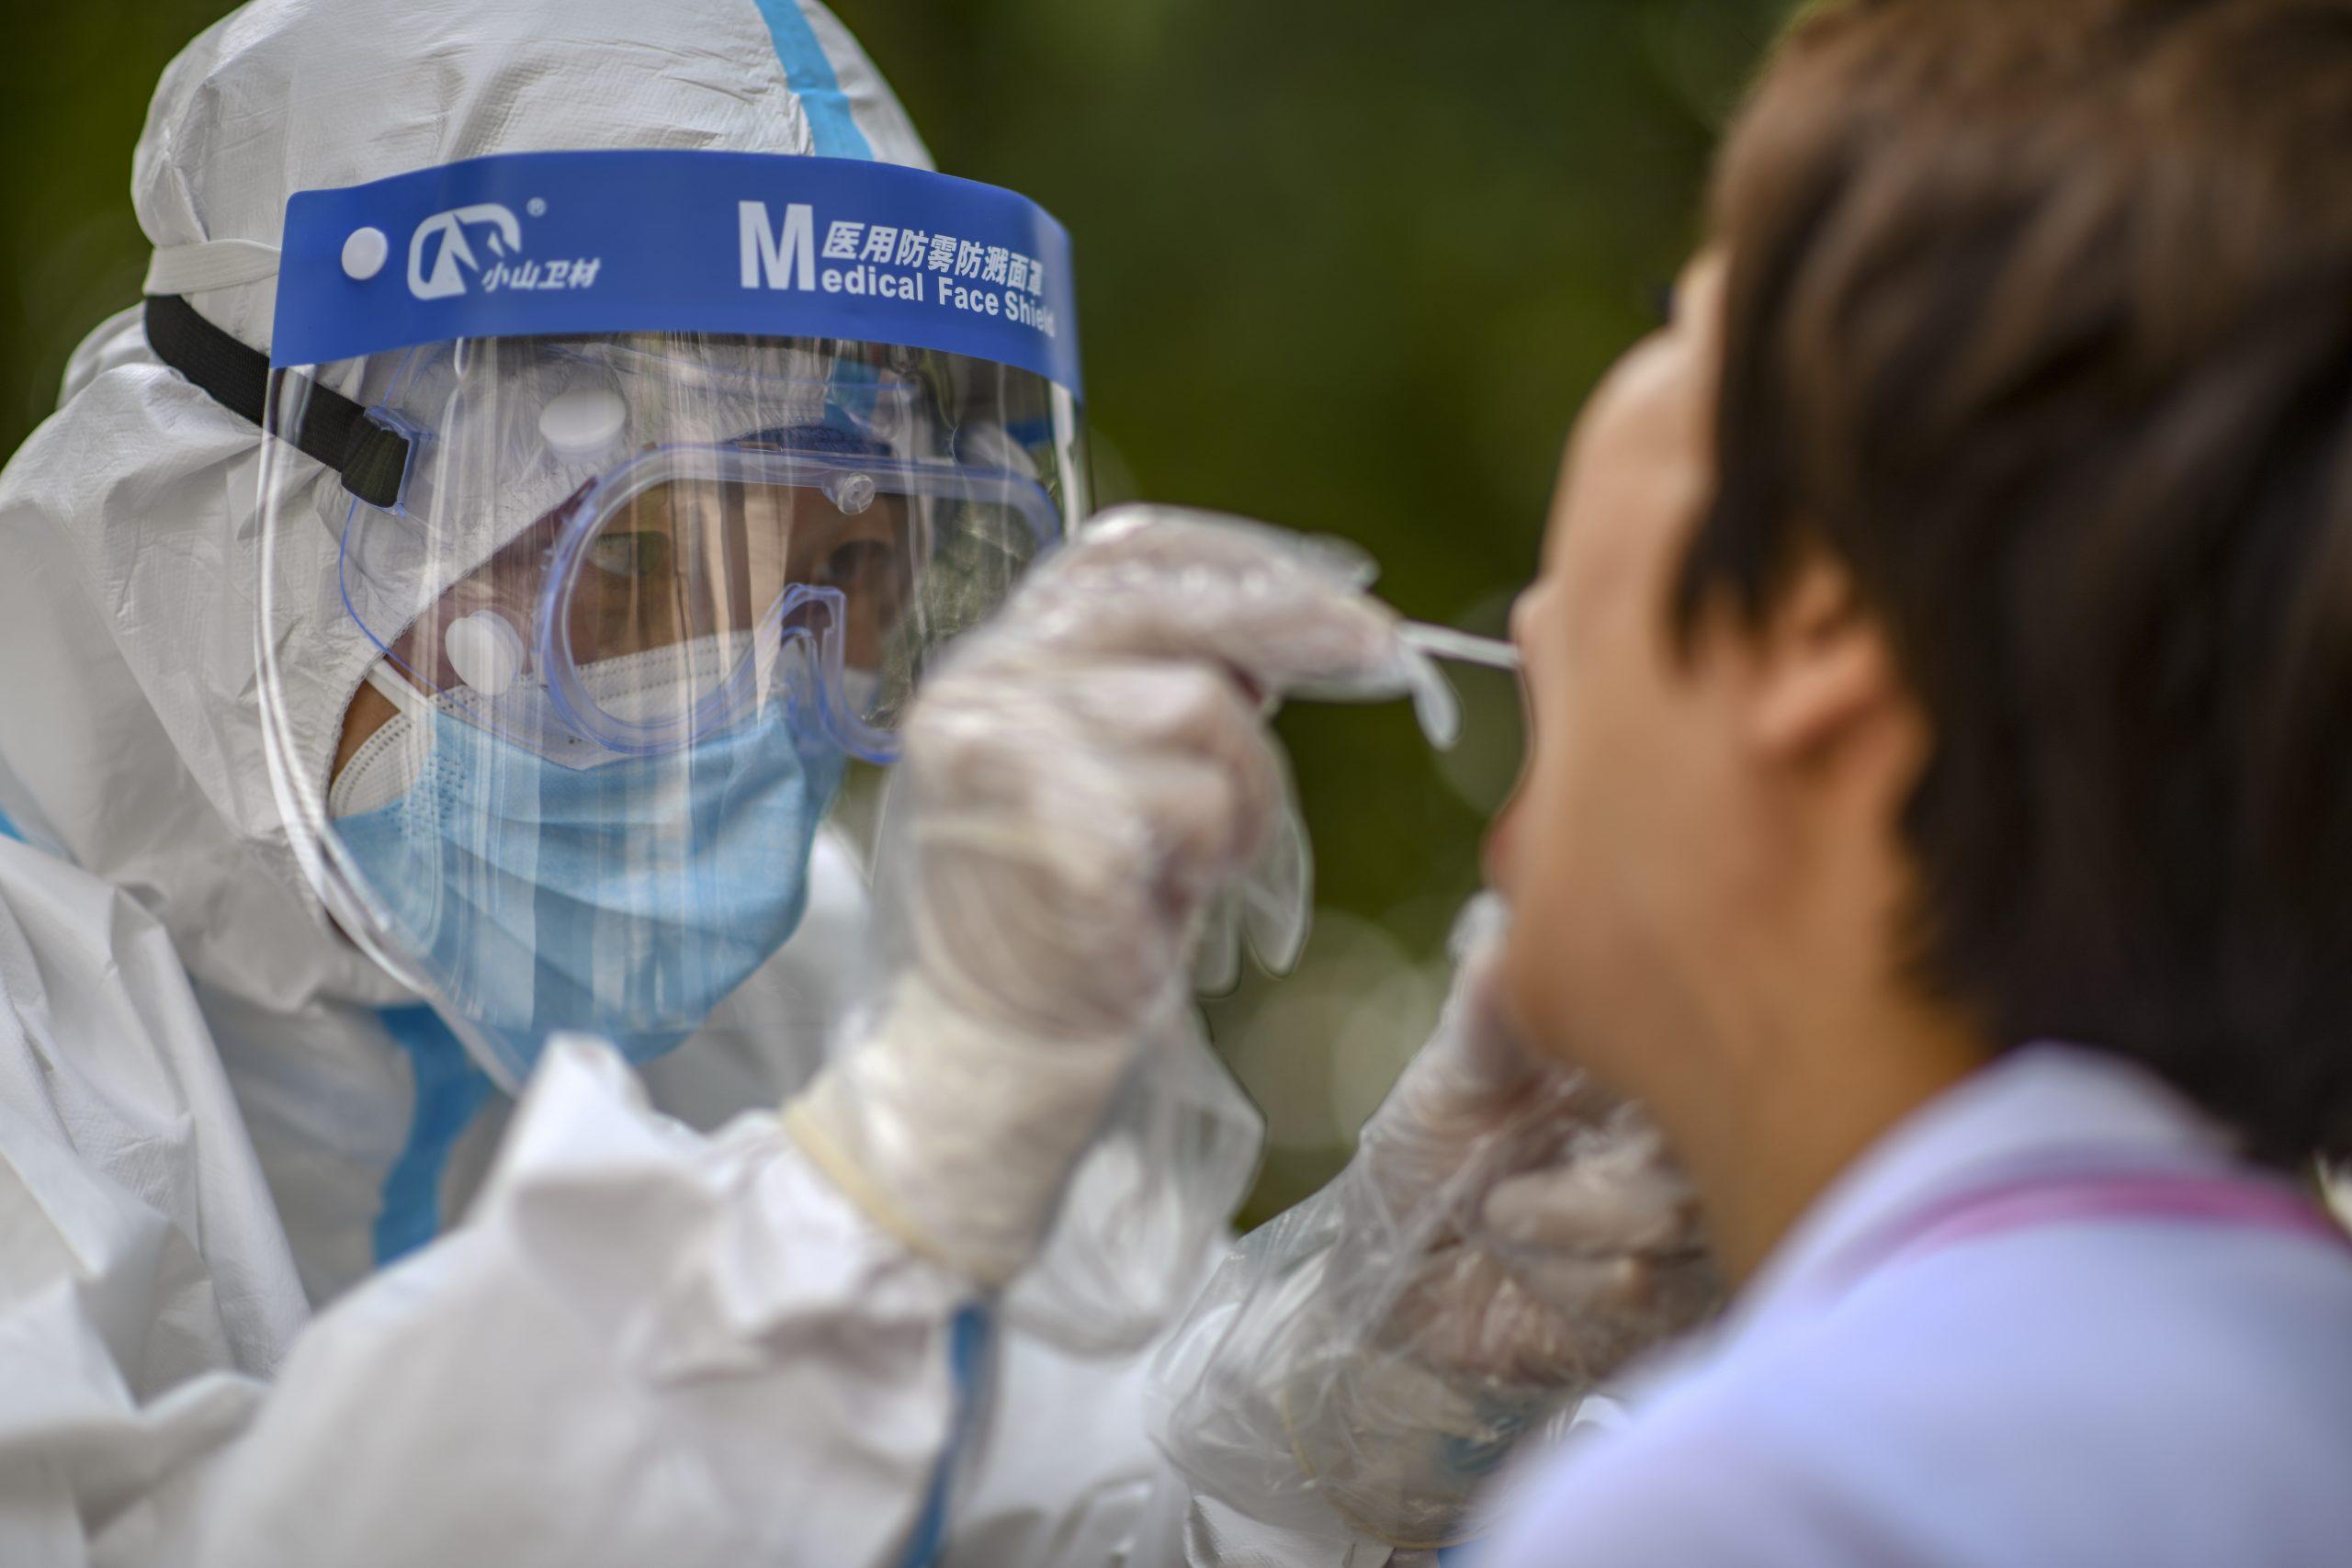 Beijing reporta cinco nuevos casos de transmisión local de COVID-19